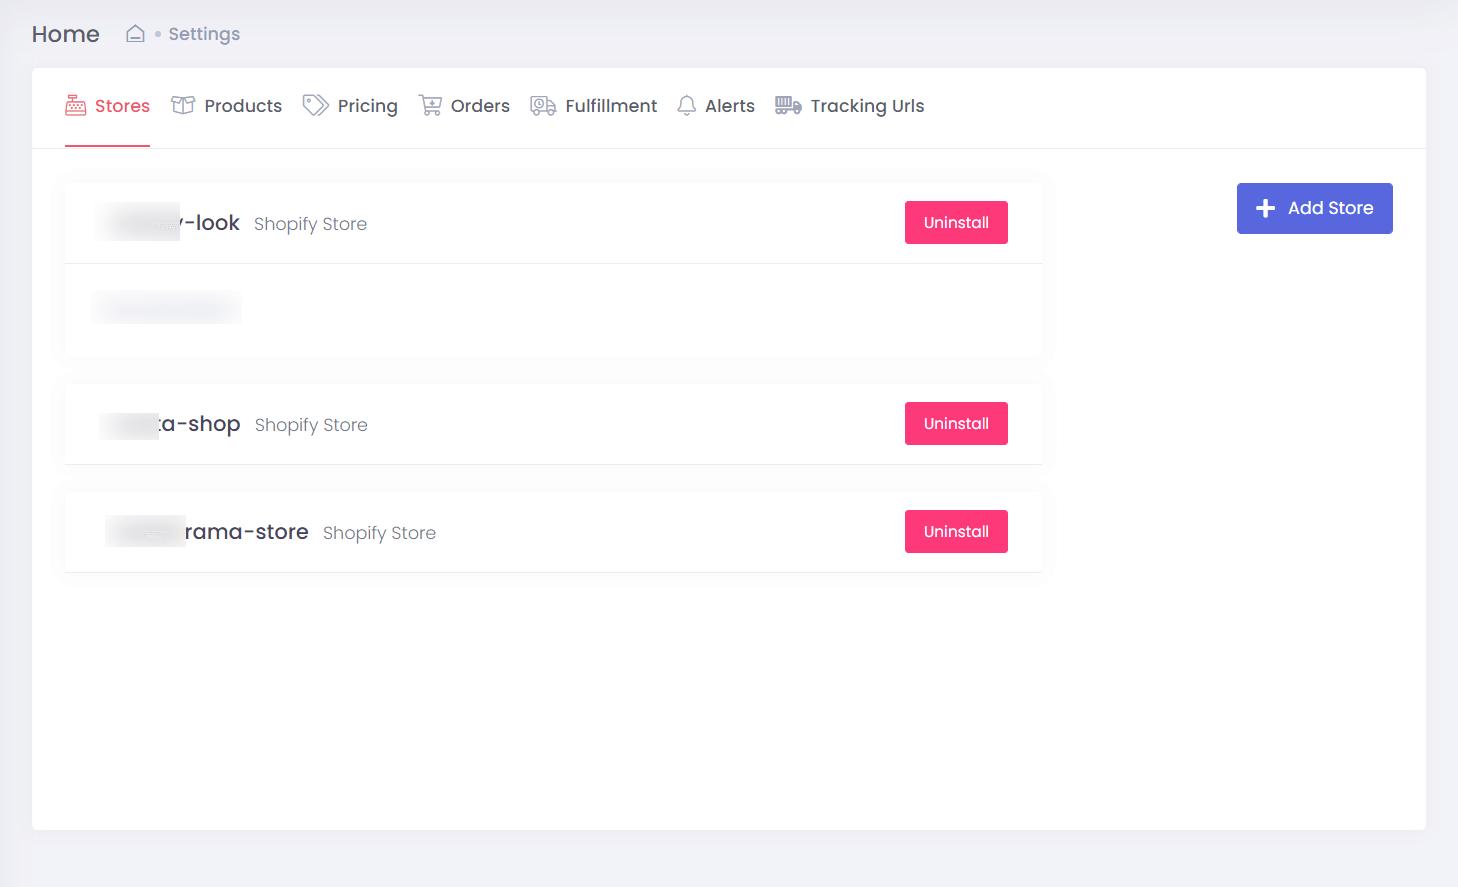 settings-screen-stores-tab.png